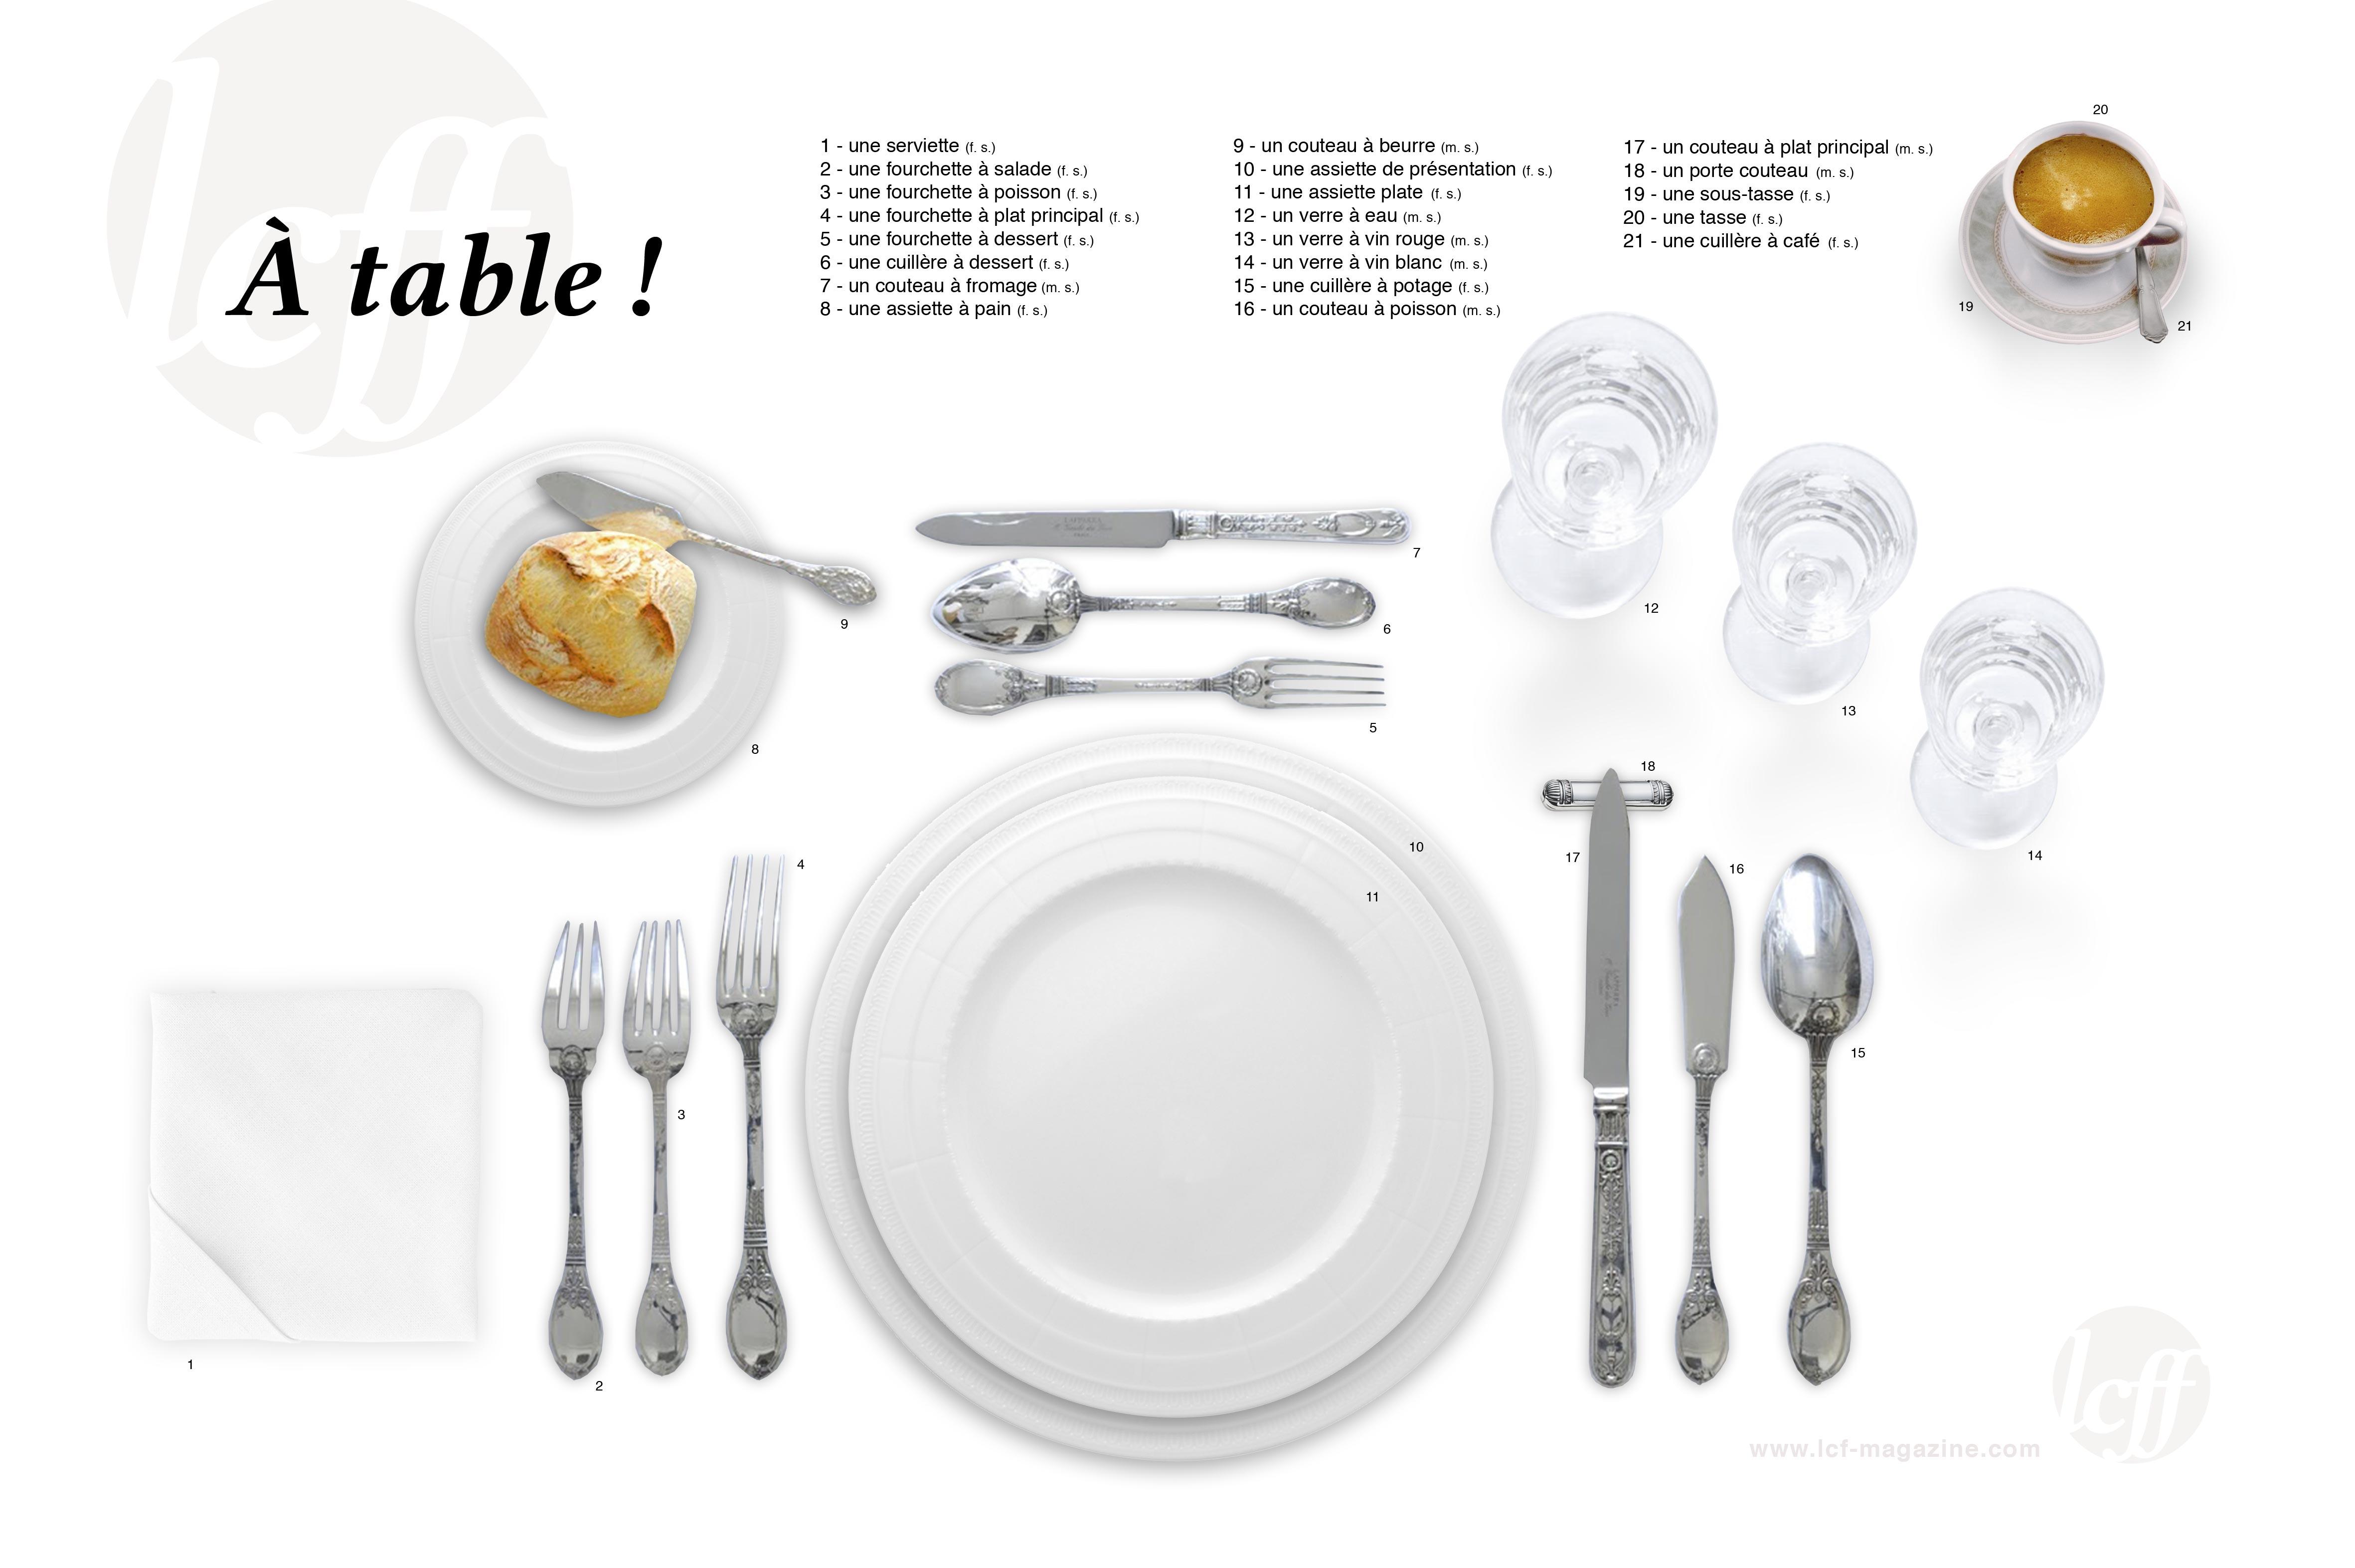 Lcf 28 a table lcff - Comment placer les verres sur une table ...